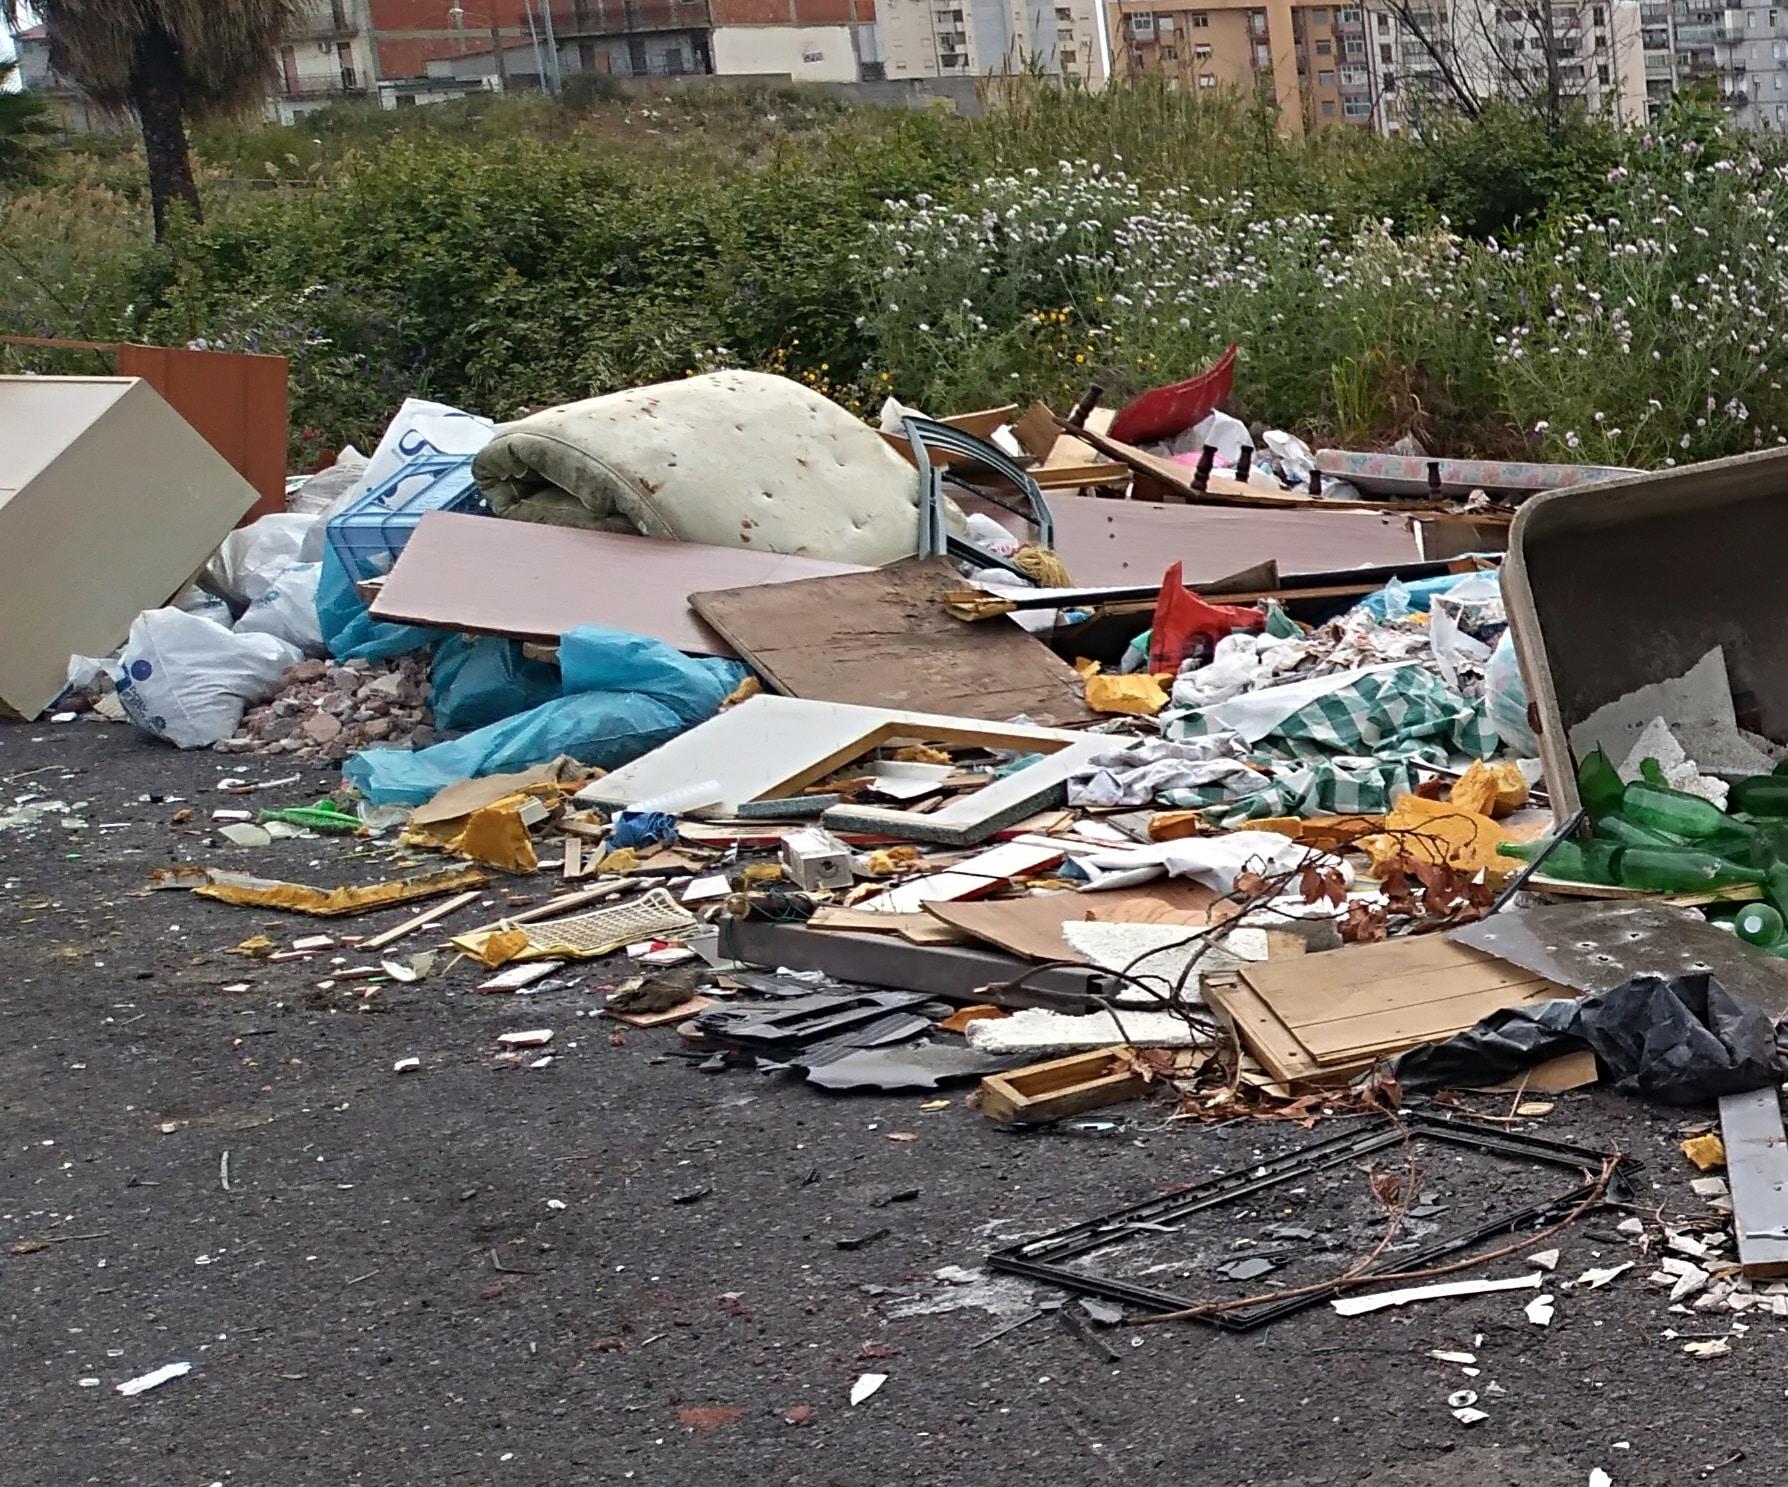 """Catania sommersa da rifiuti, la denuncia di Ersilia Saverino: """"Potenziare controlli, serve coscienza verde"""""""